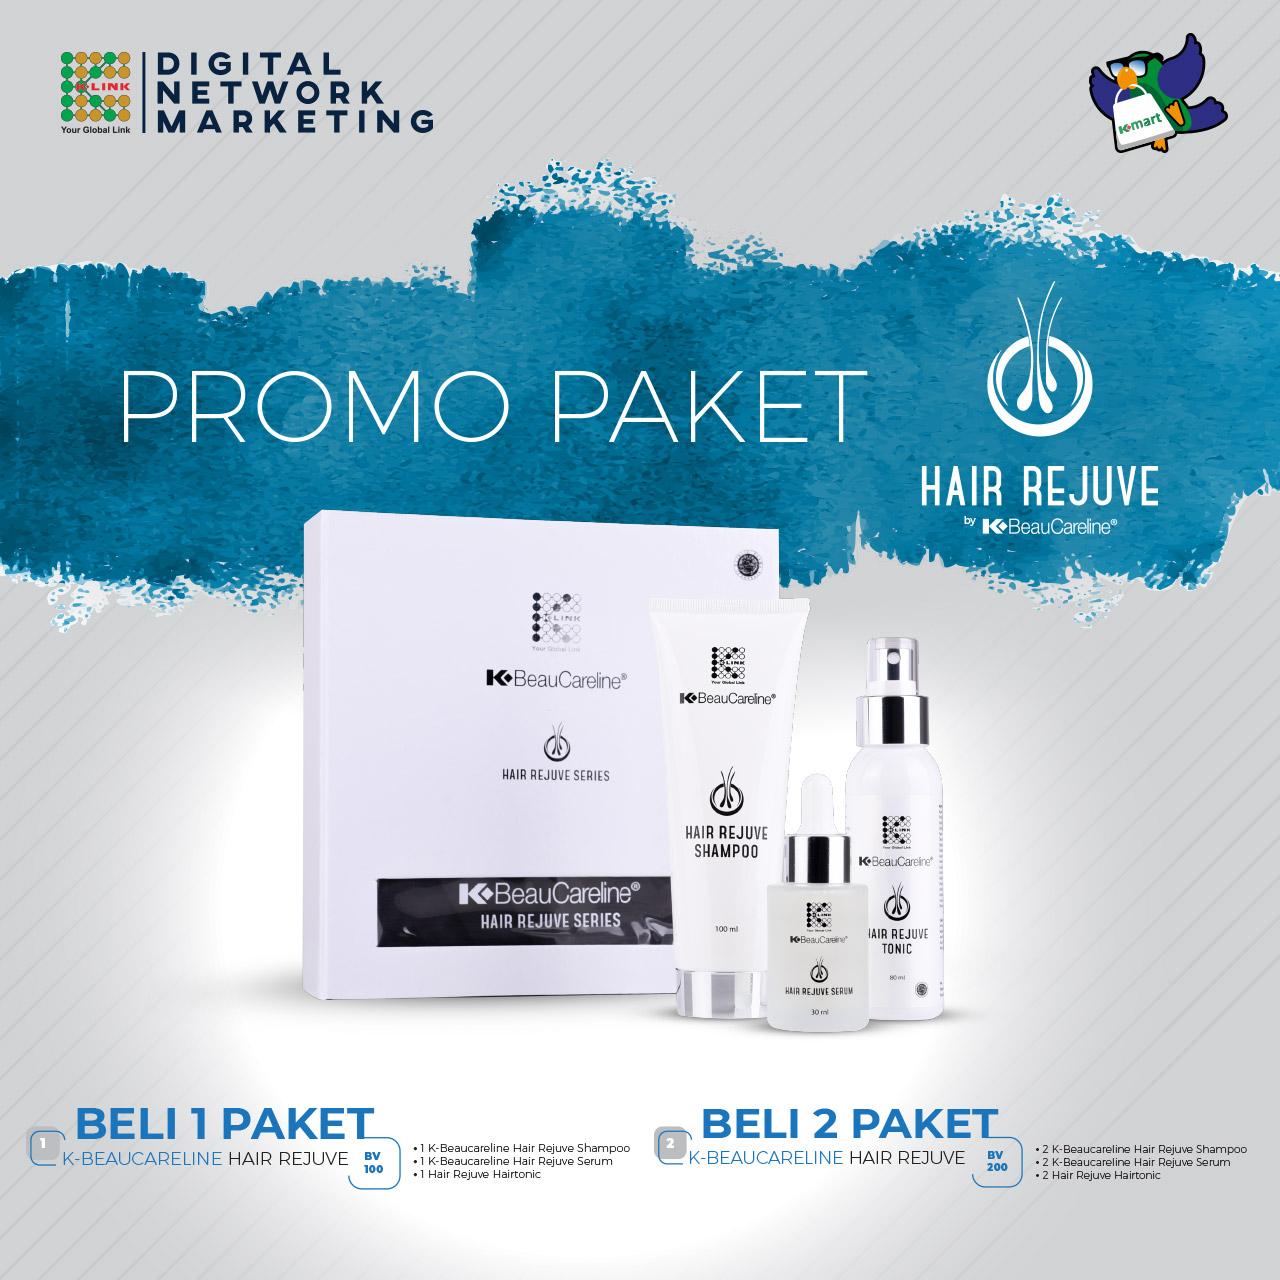 Promo Paket Hair Rejuve